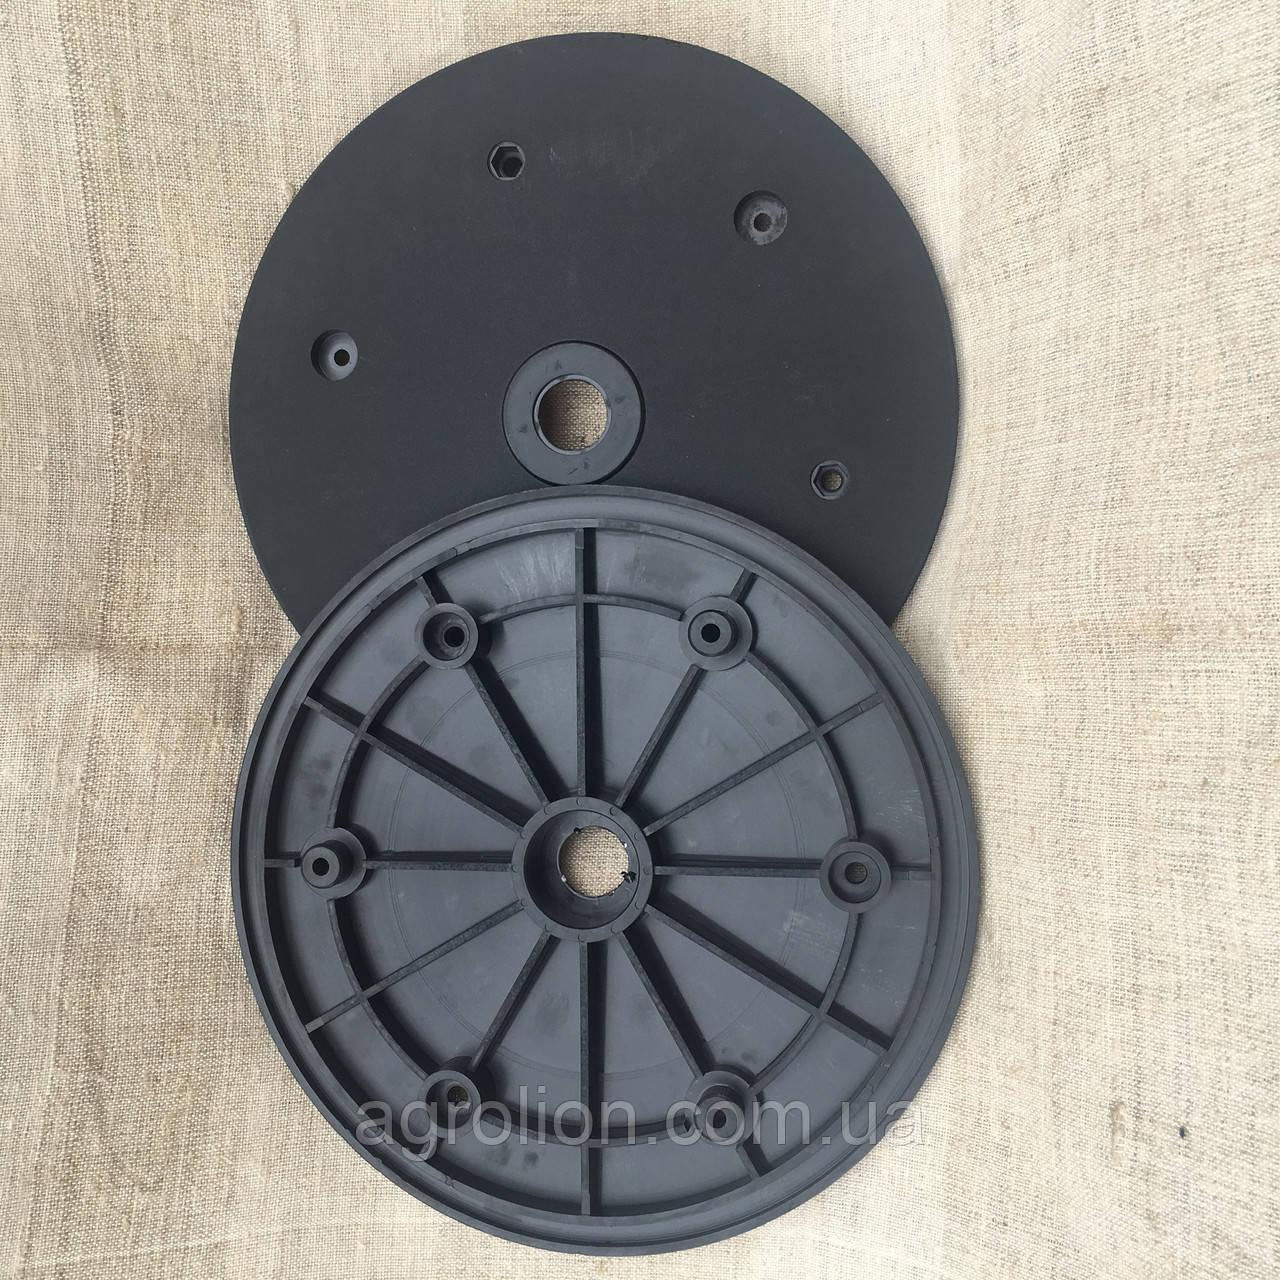 """Напівдиск прикотуючого колеса (диск поліамід) 1""""x12"""" d40,  A56566"""